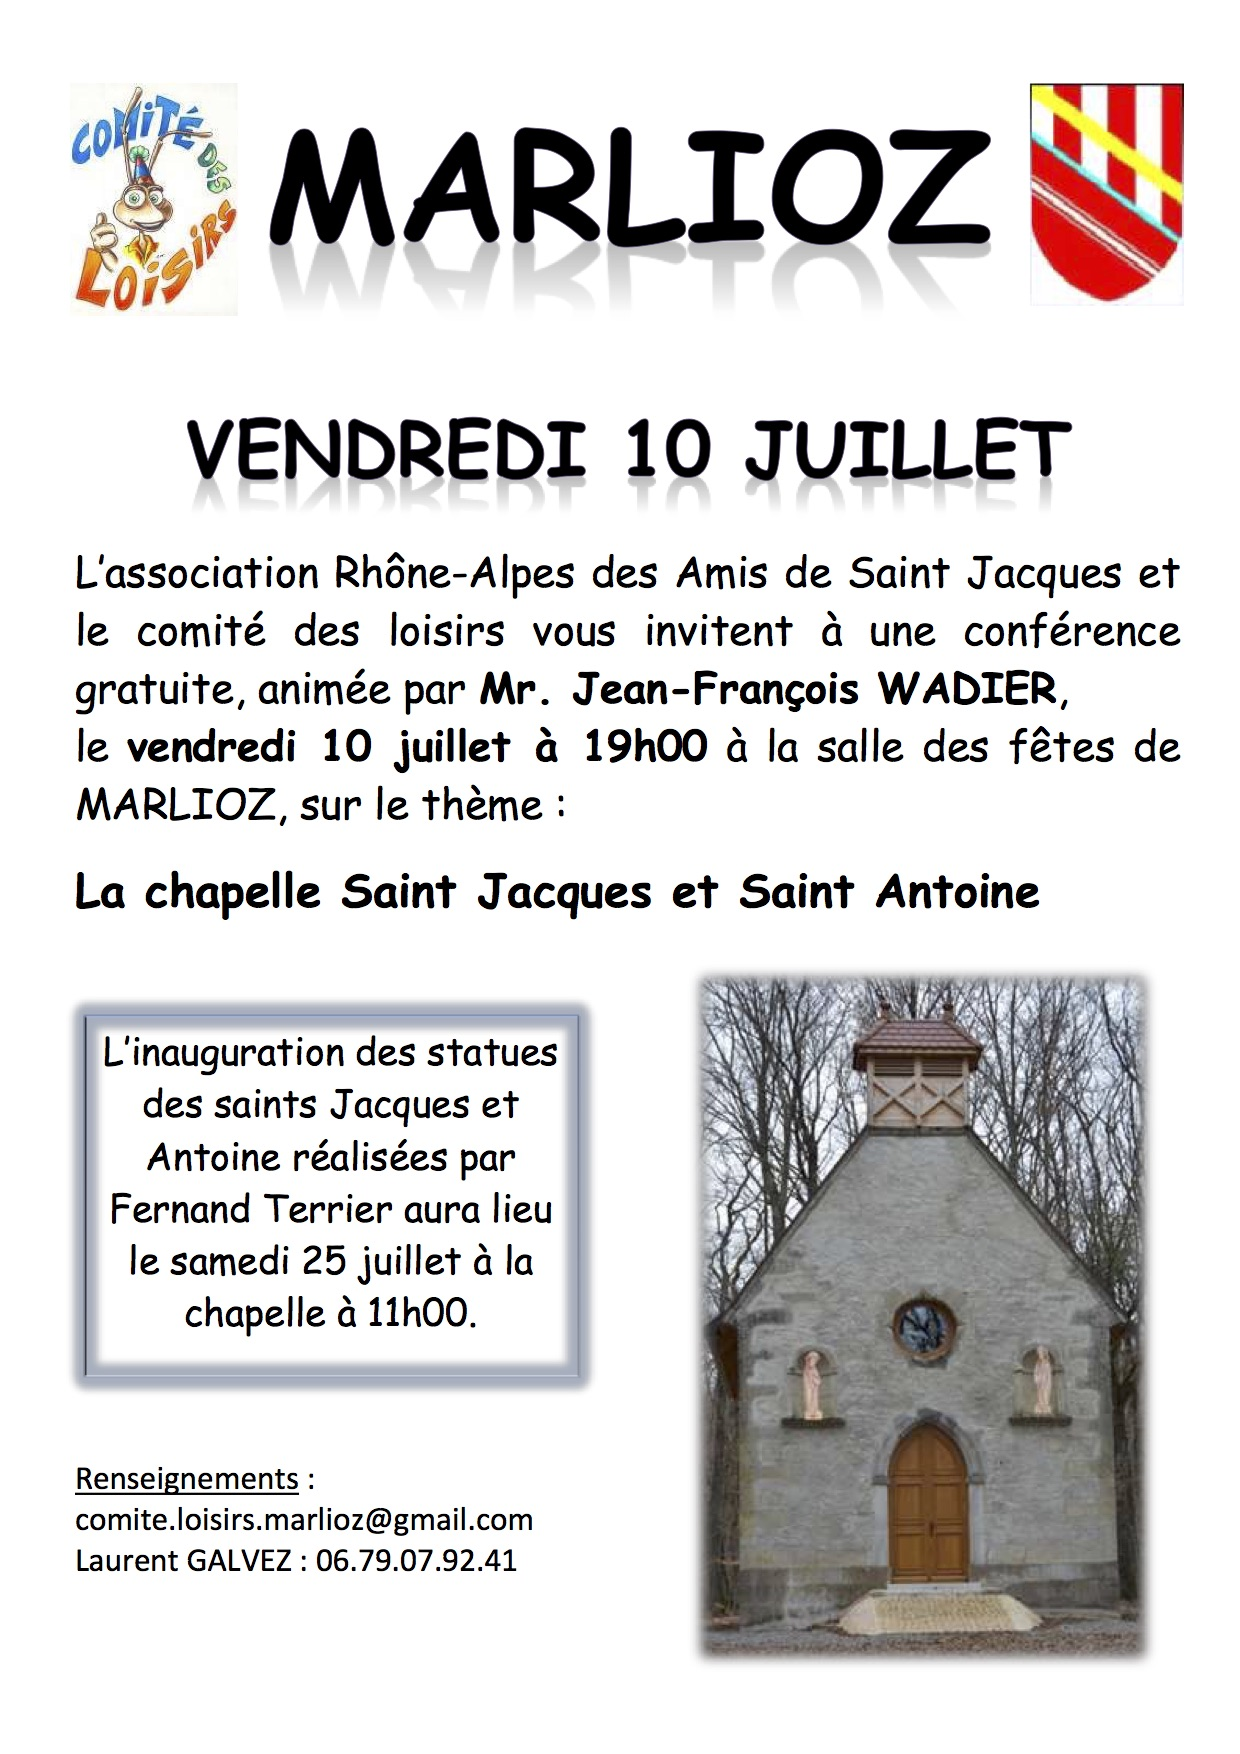 Diapo conférence de Jean-François Wadier. Cliquez pour agrandir